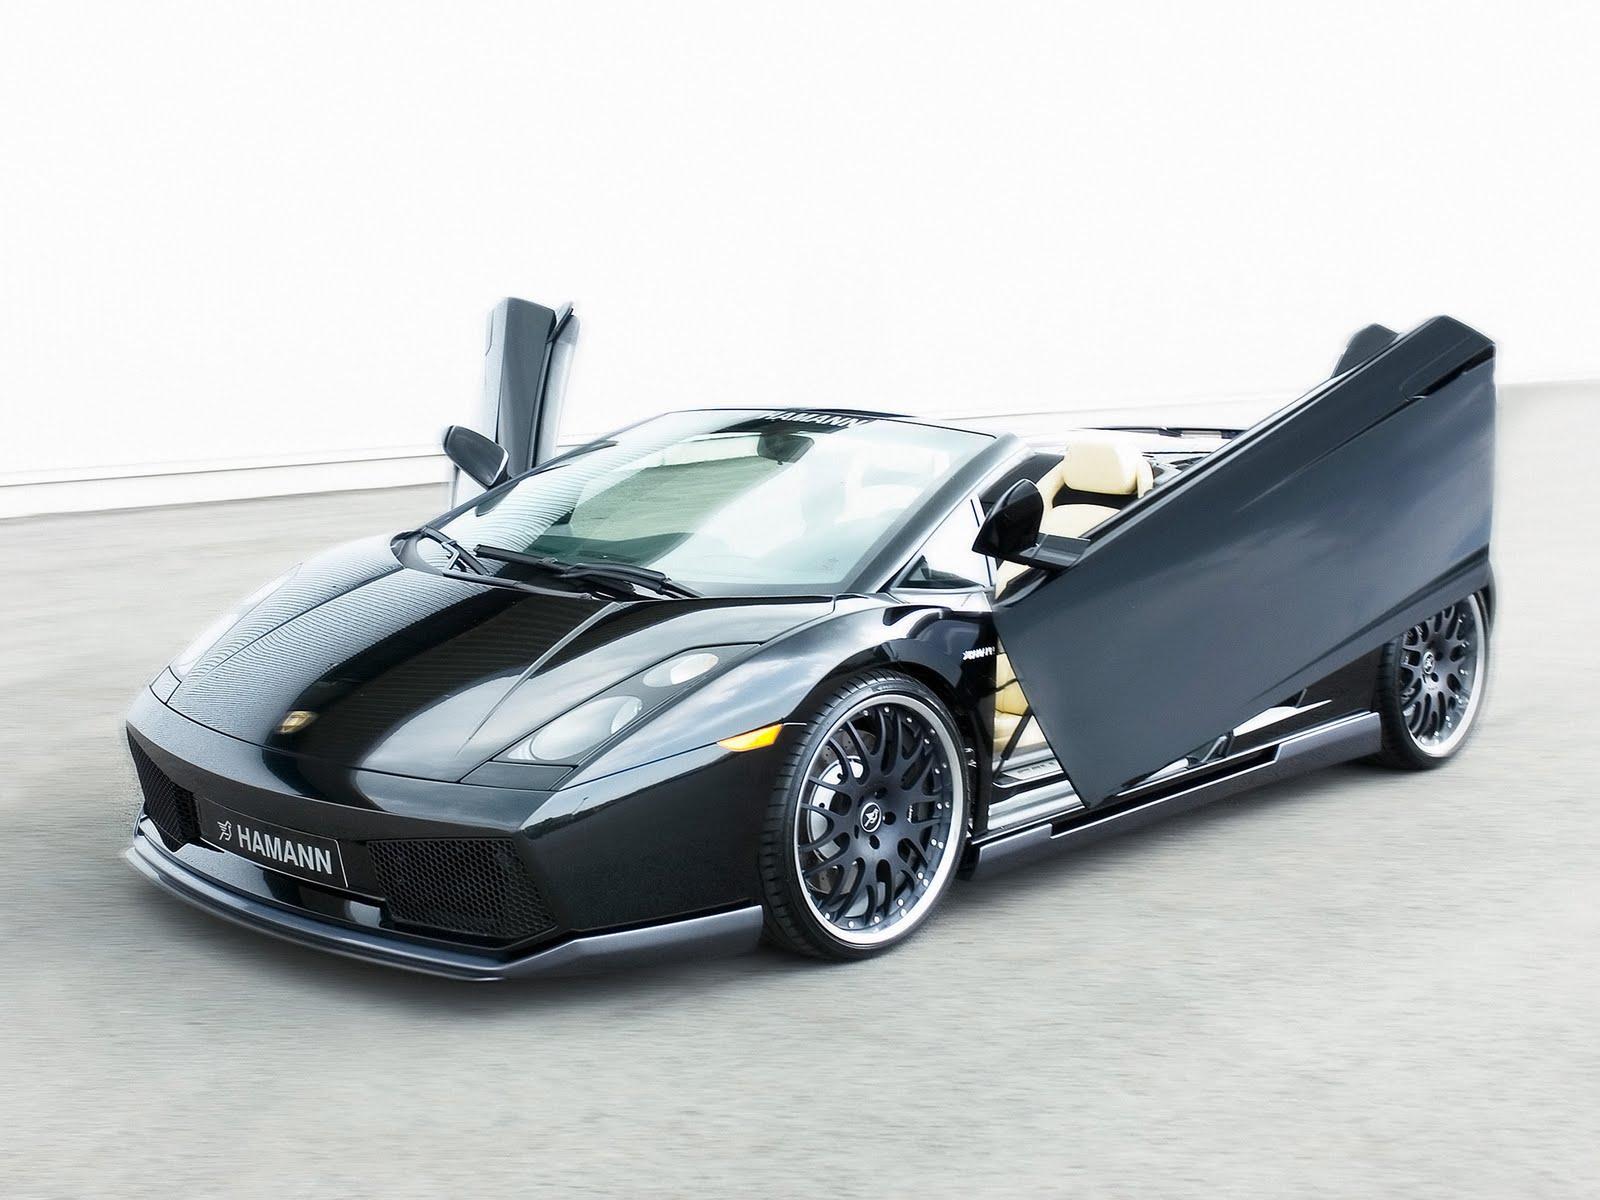 Cool Cars: Lamborghini Gallardo Spyder